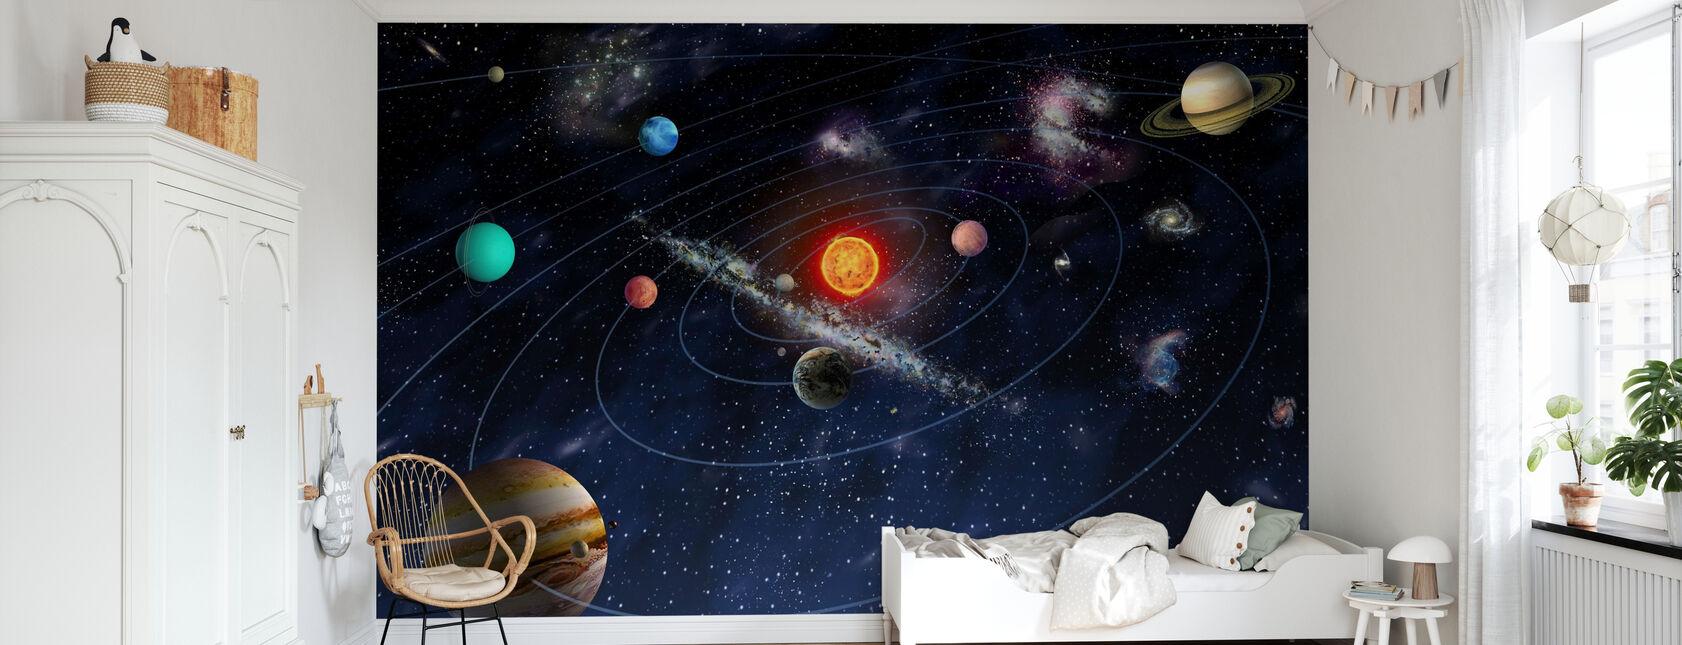 Solar System - Wallpaper - Kids Room